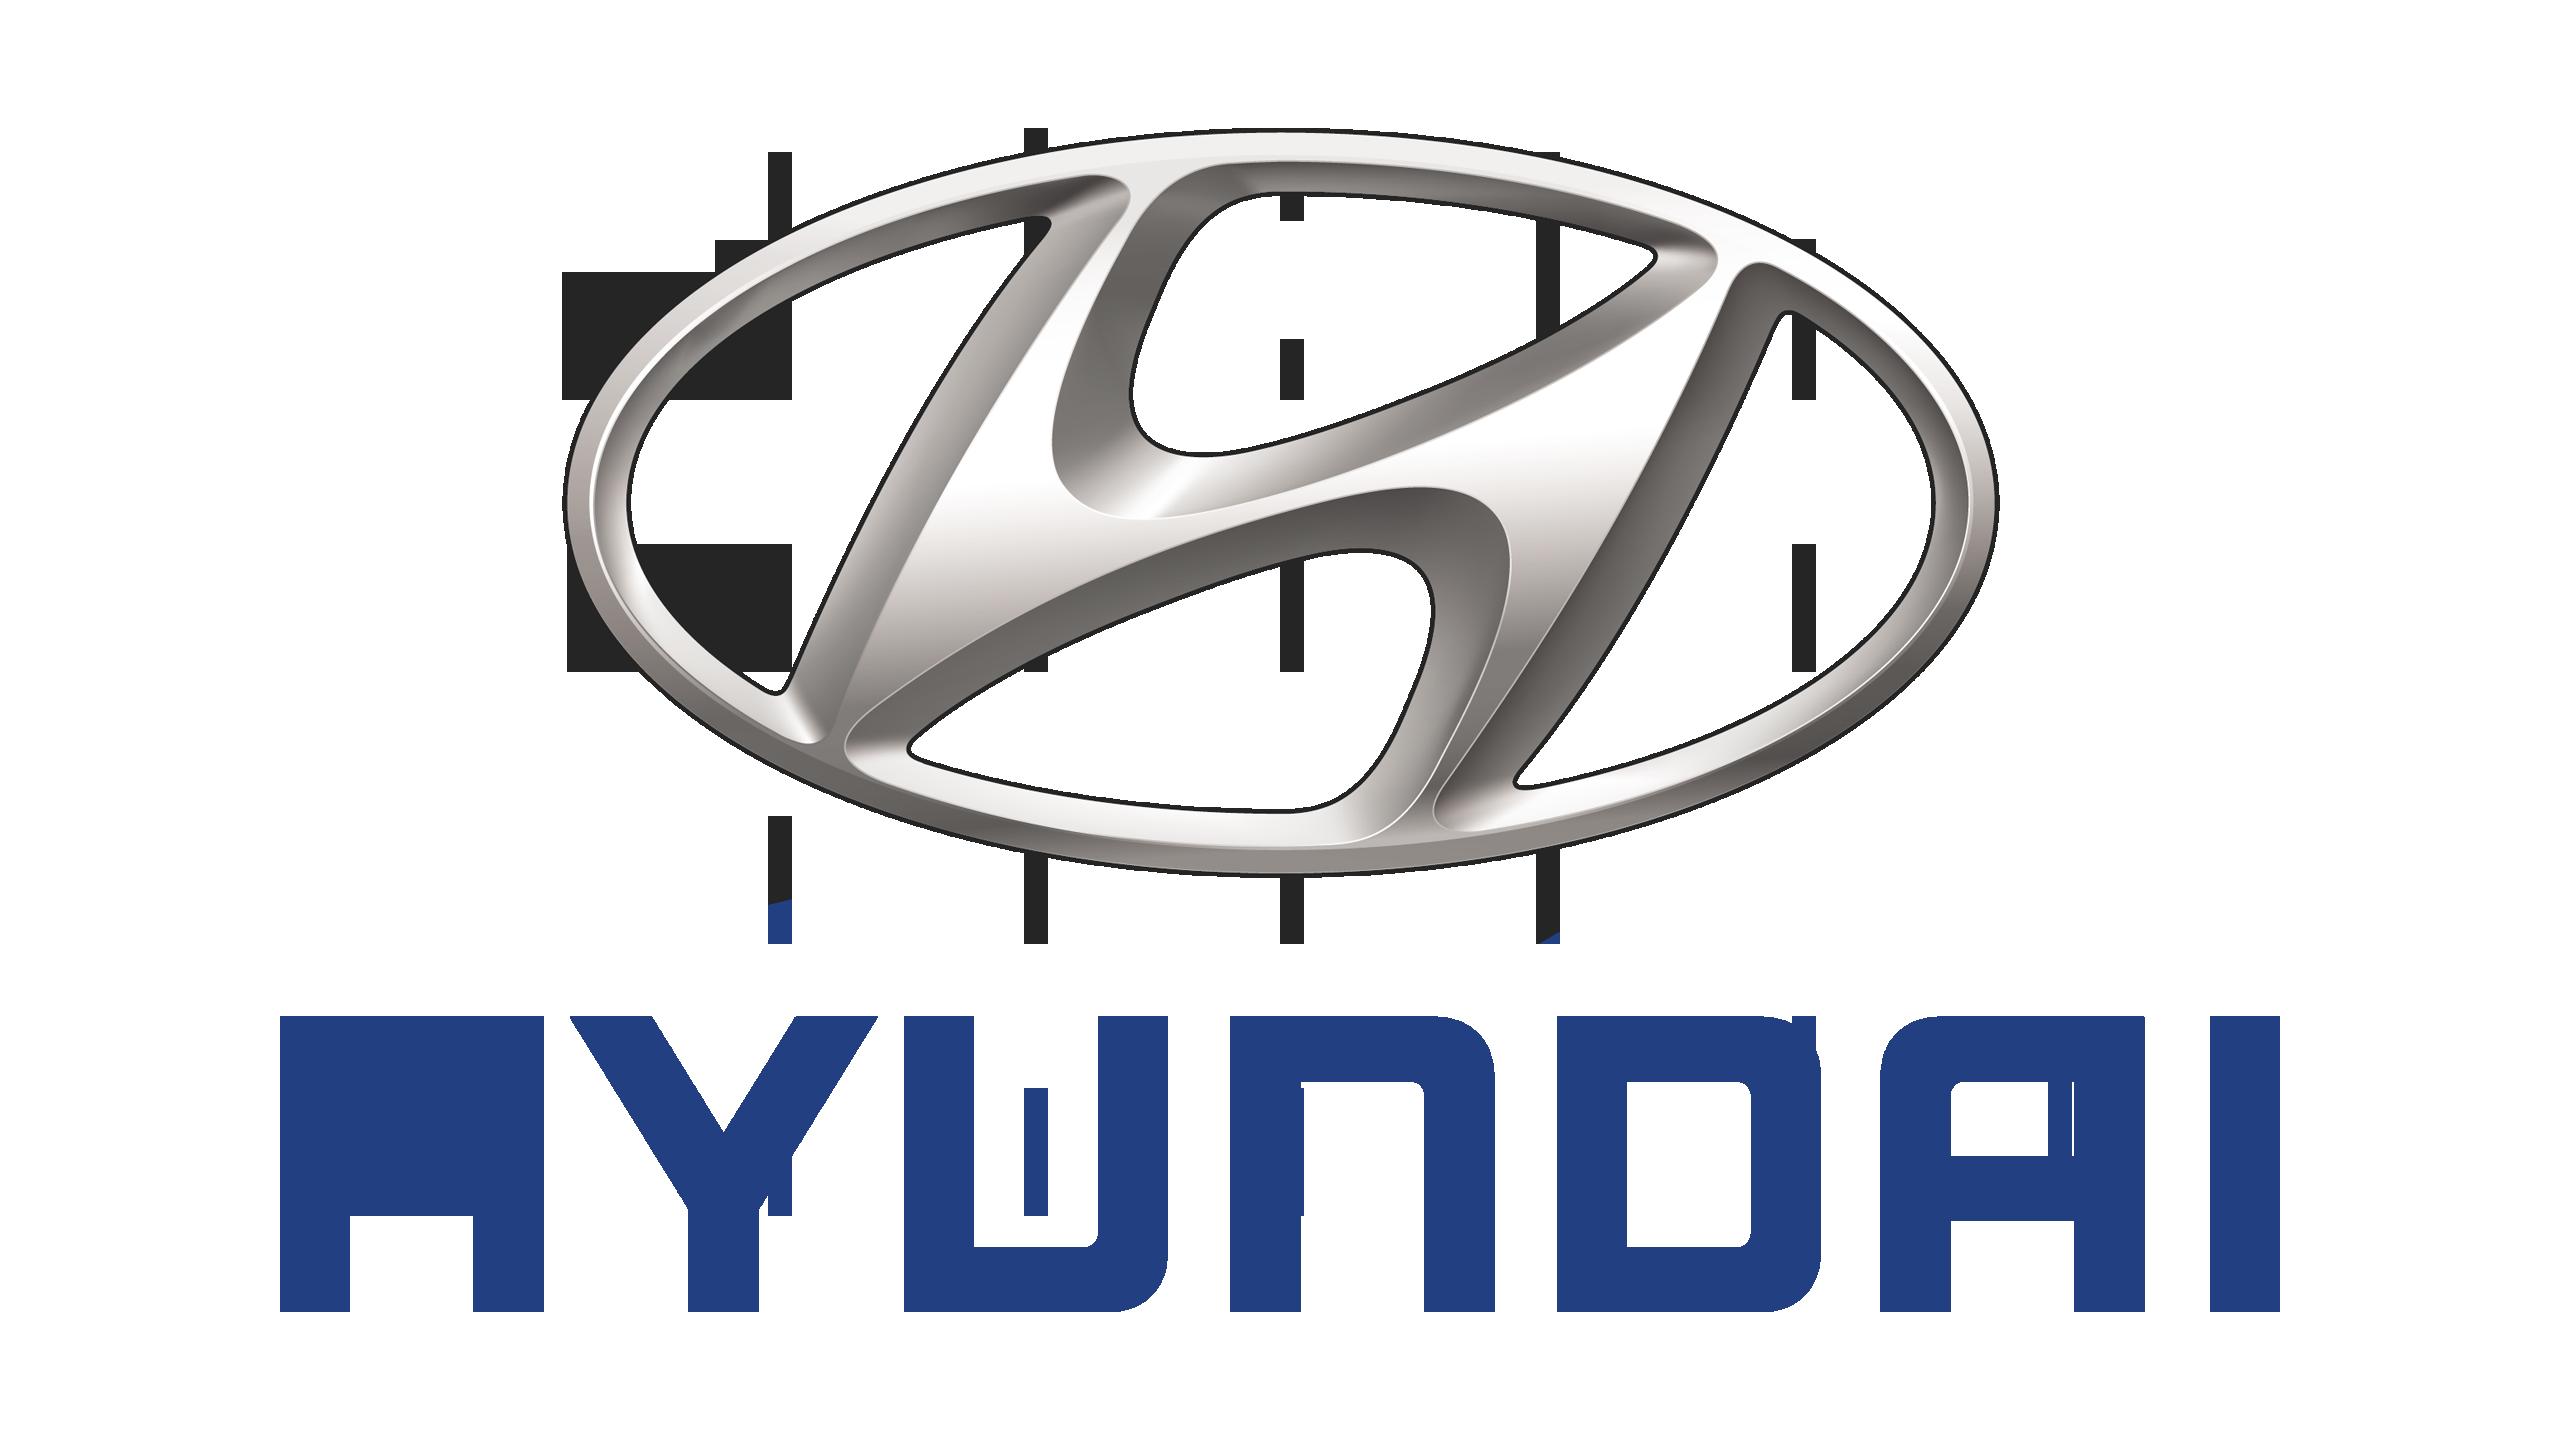 Infolinia Hyundai | numer, e-mail, telefon, fax, informacje dodatkowe